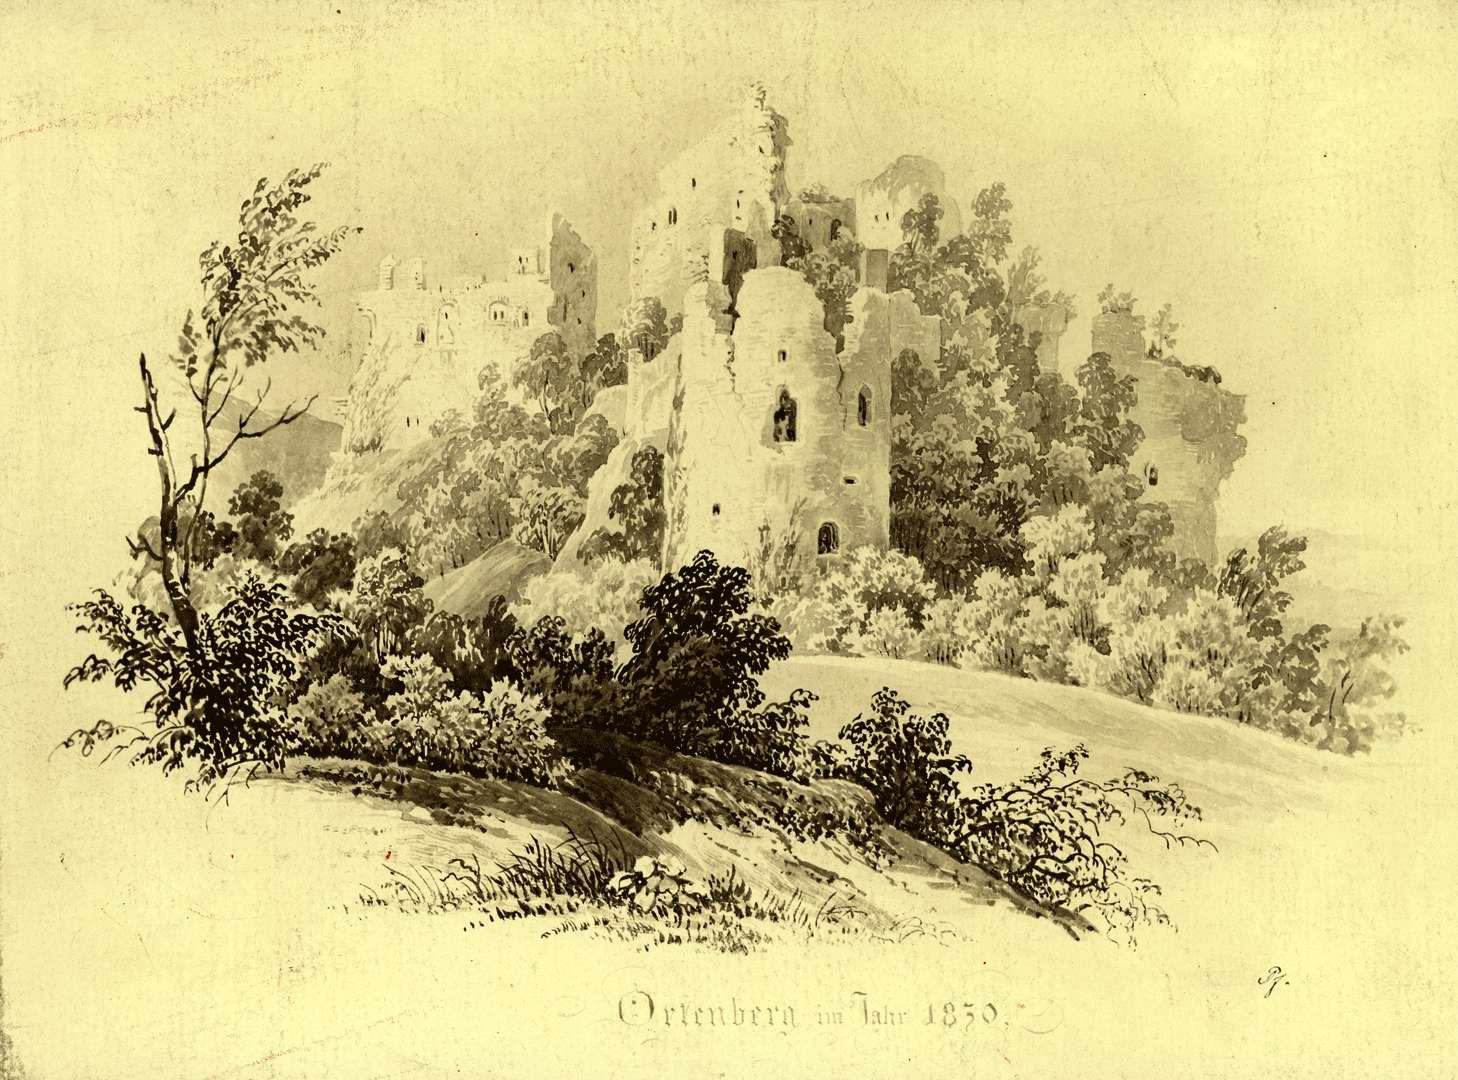 Schloss Ortenberg im Jahr 1830, Bild 1